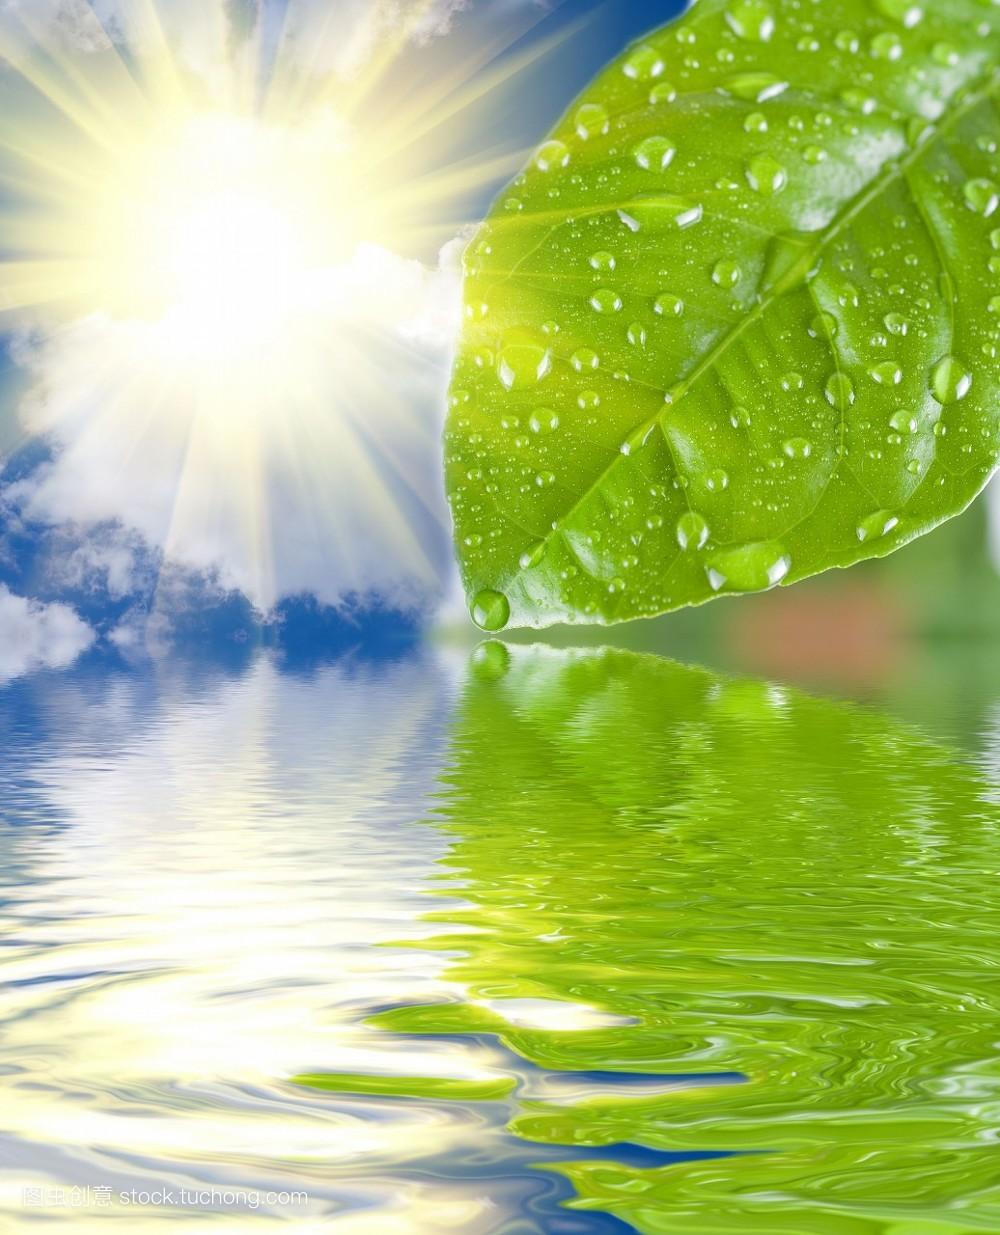 纯净,叶子,气泡,草,树,河流,户外,抽象,花卉,圆形,植物,环境,小,森林图片